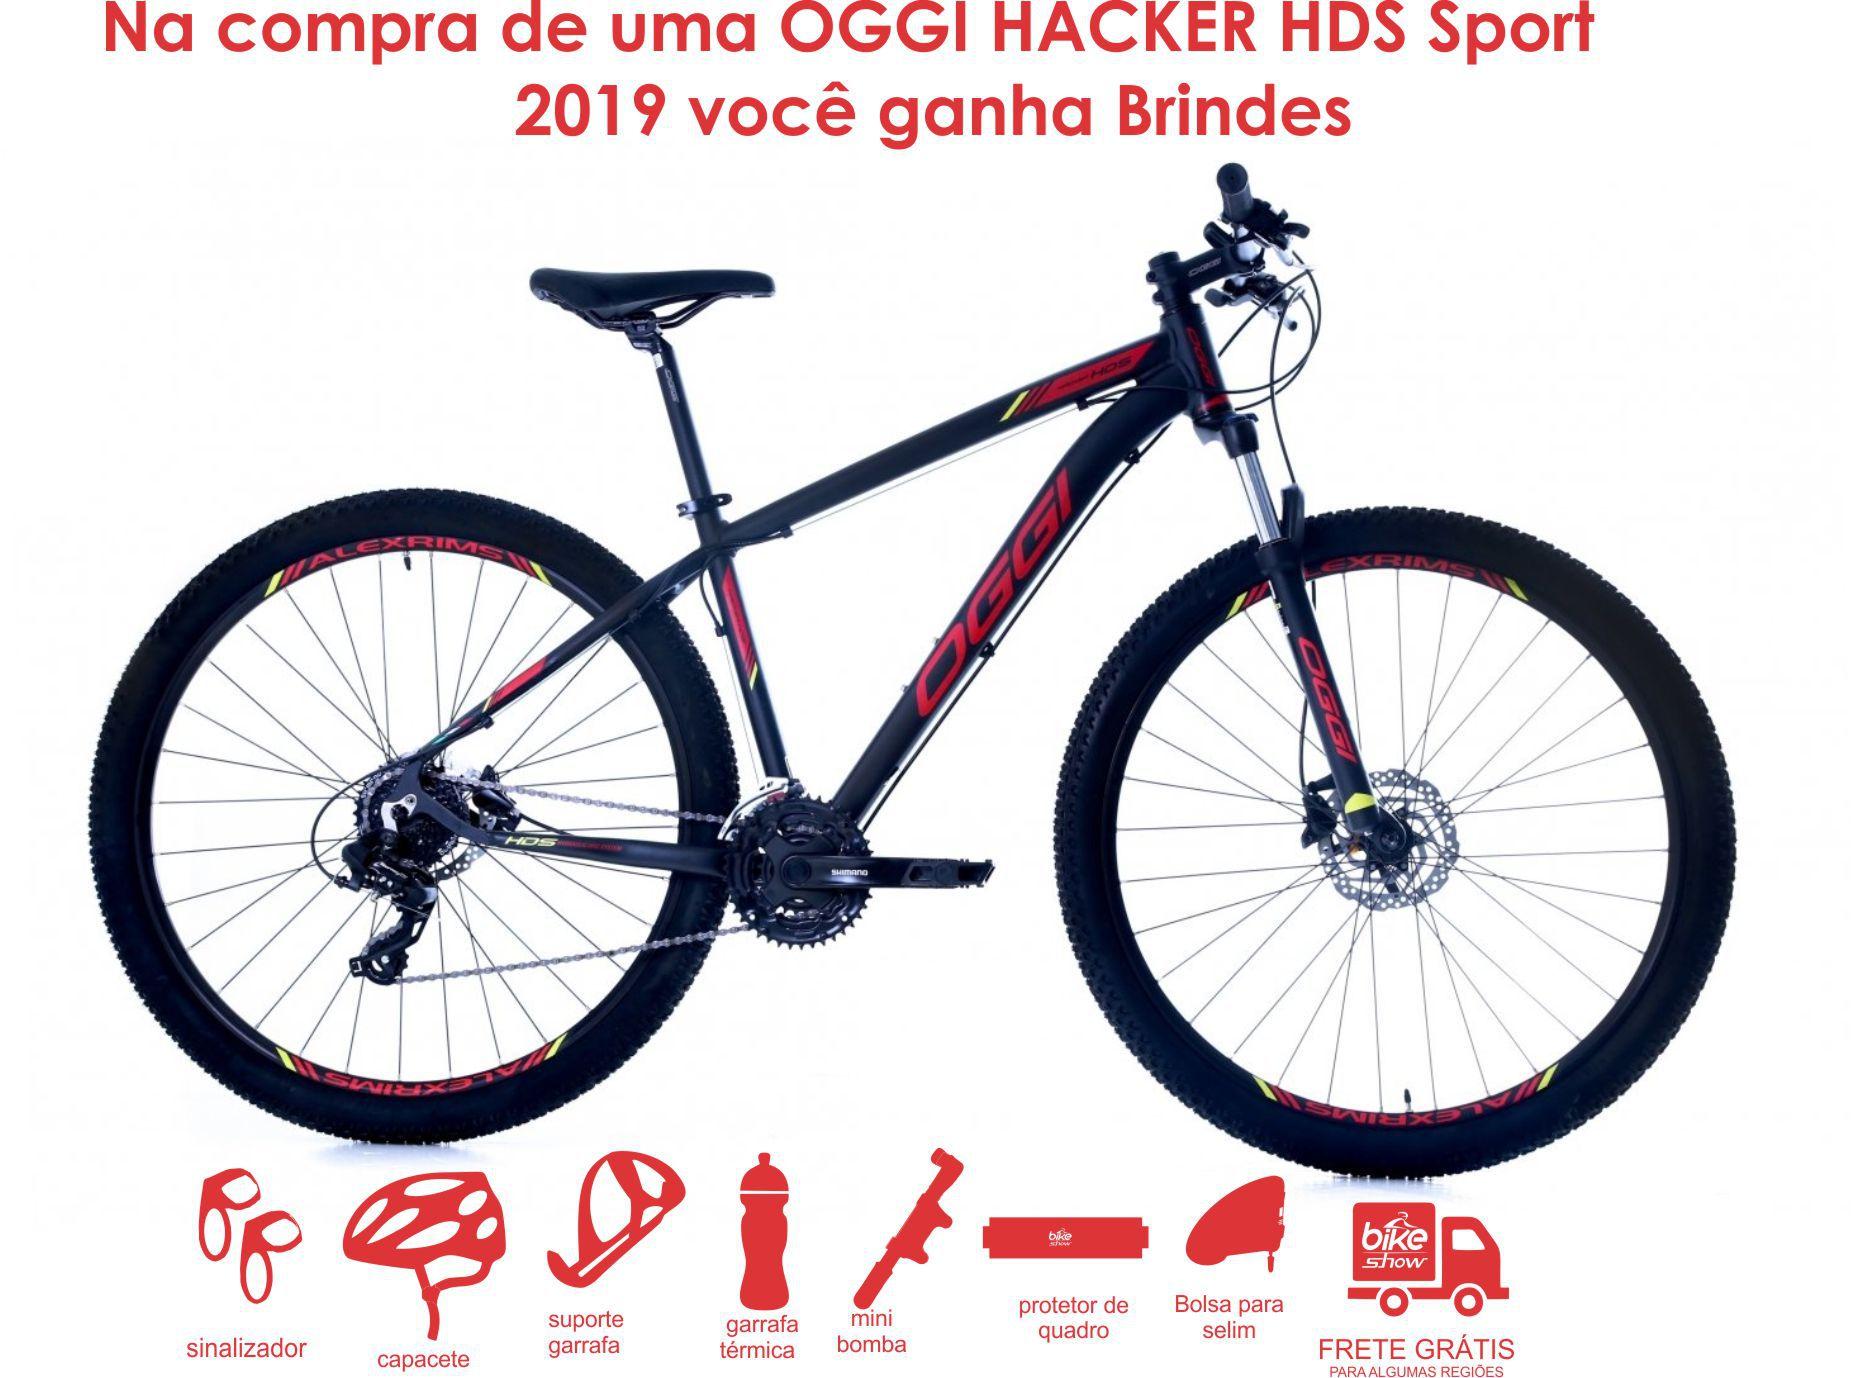 Bicicleta OGGI Hacker HDS - 24v Shimano Tourney - Freio Shimano Hidráulico - PTO/VERM./AMAR + Brindes